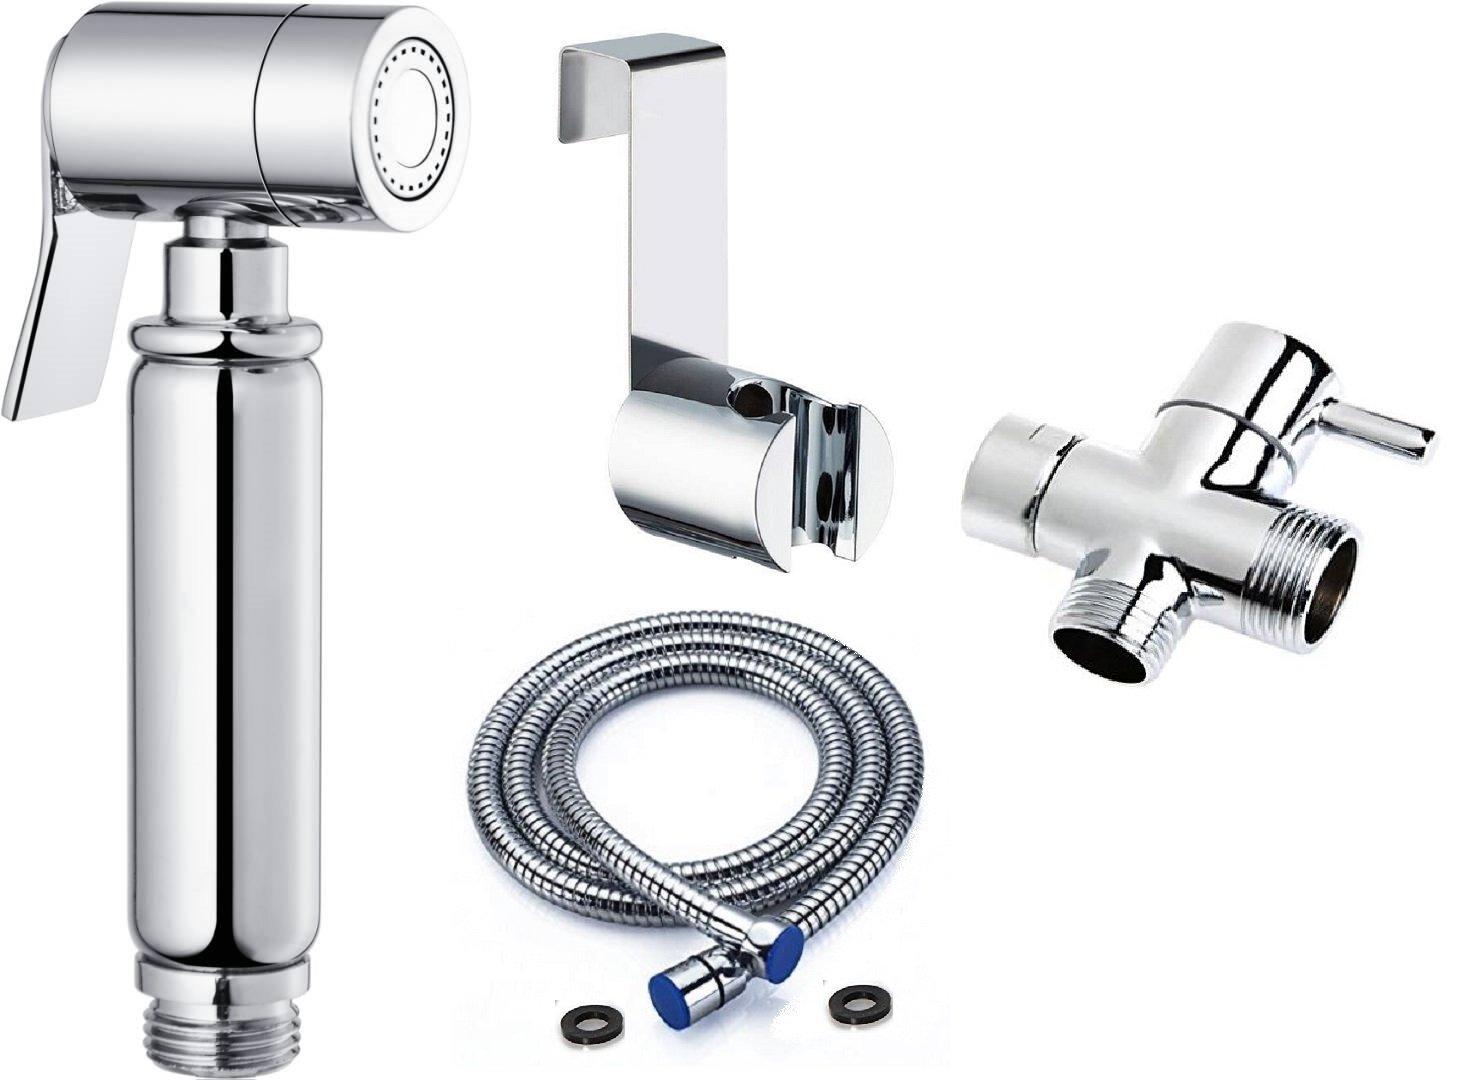 BbfStyle - Elegancia, Diseño y Calidad - Set de Ducha de Bidés Toilet con válvula de 3 vías - Para higiene íntima - Acabado cromado - Tahret Taharat.